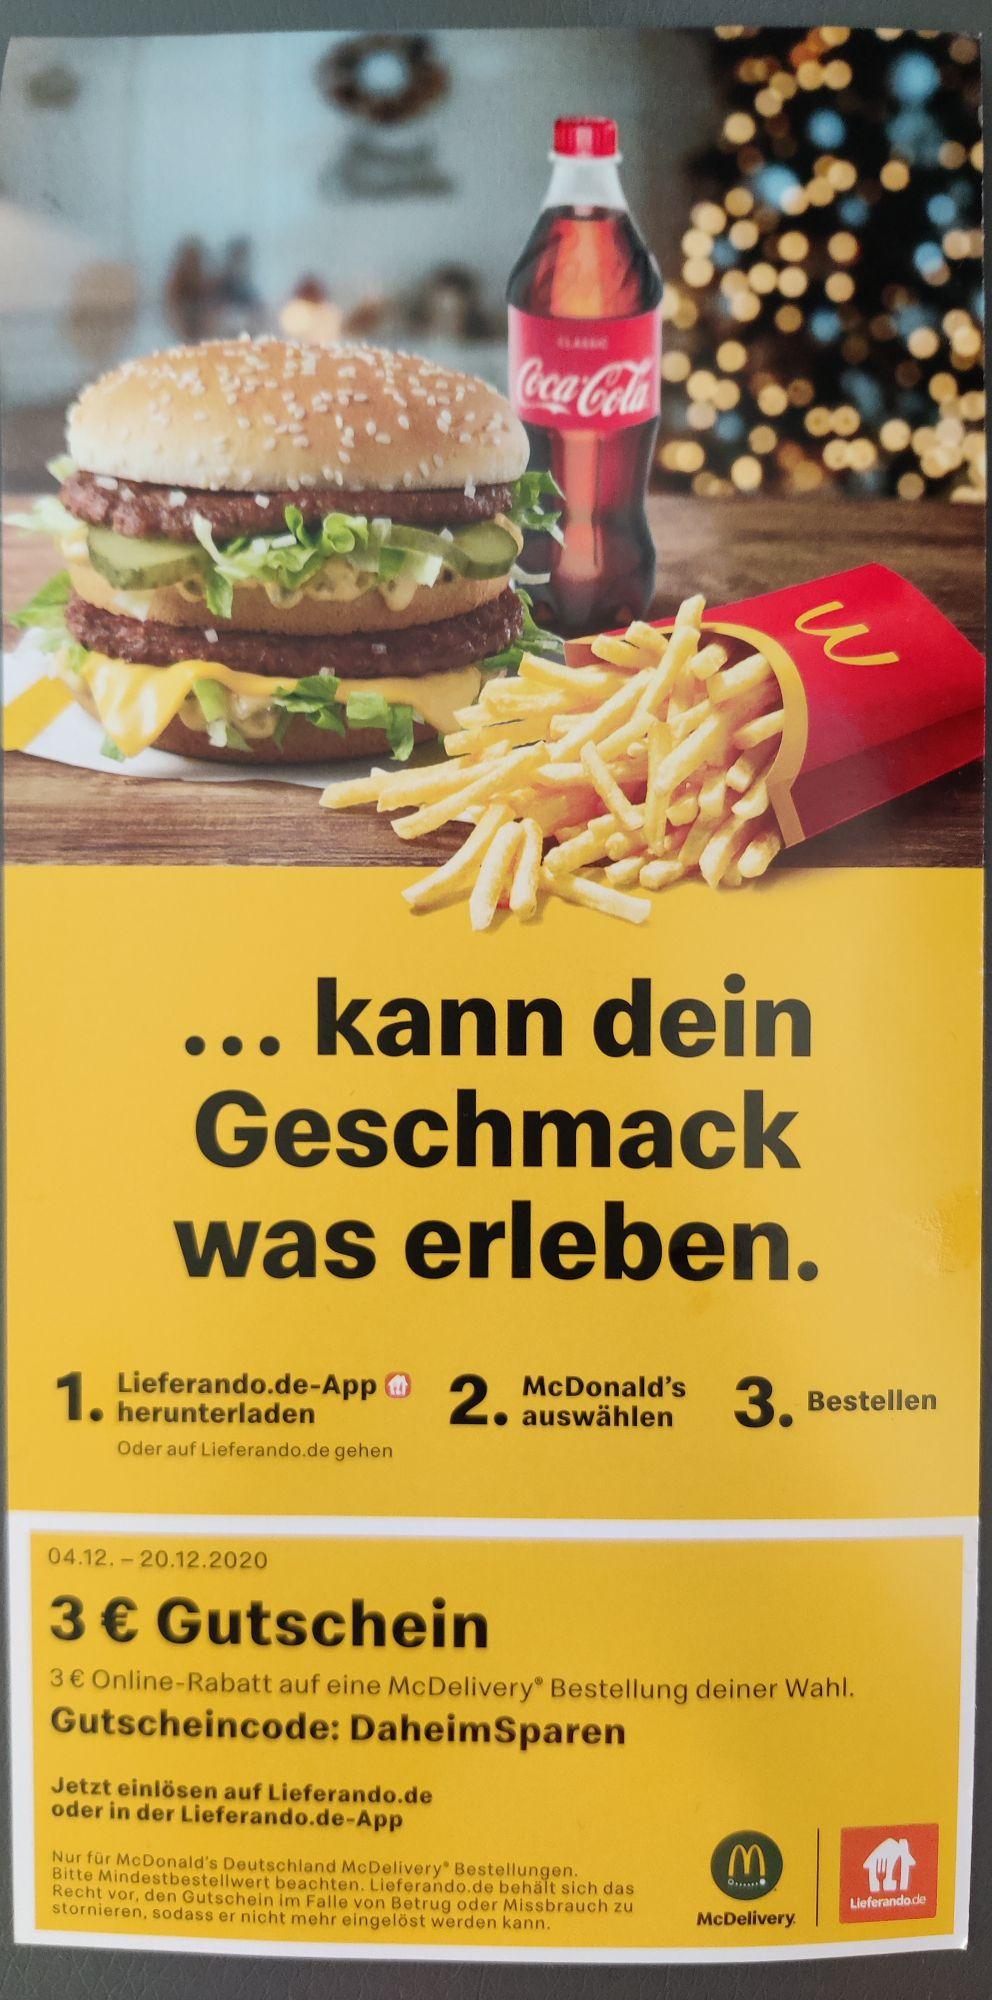 [McDelivery, 10€ MBW] 3€ Gutschein von McDonalds bei Lieferando